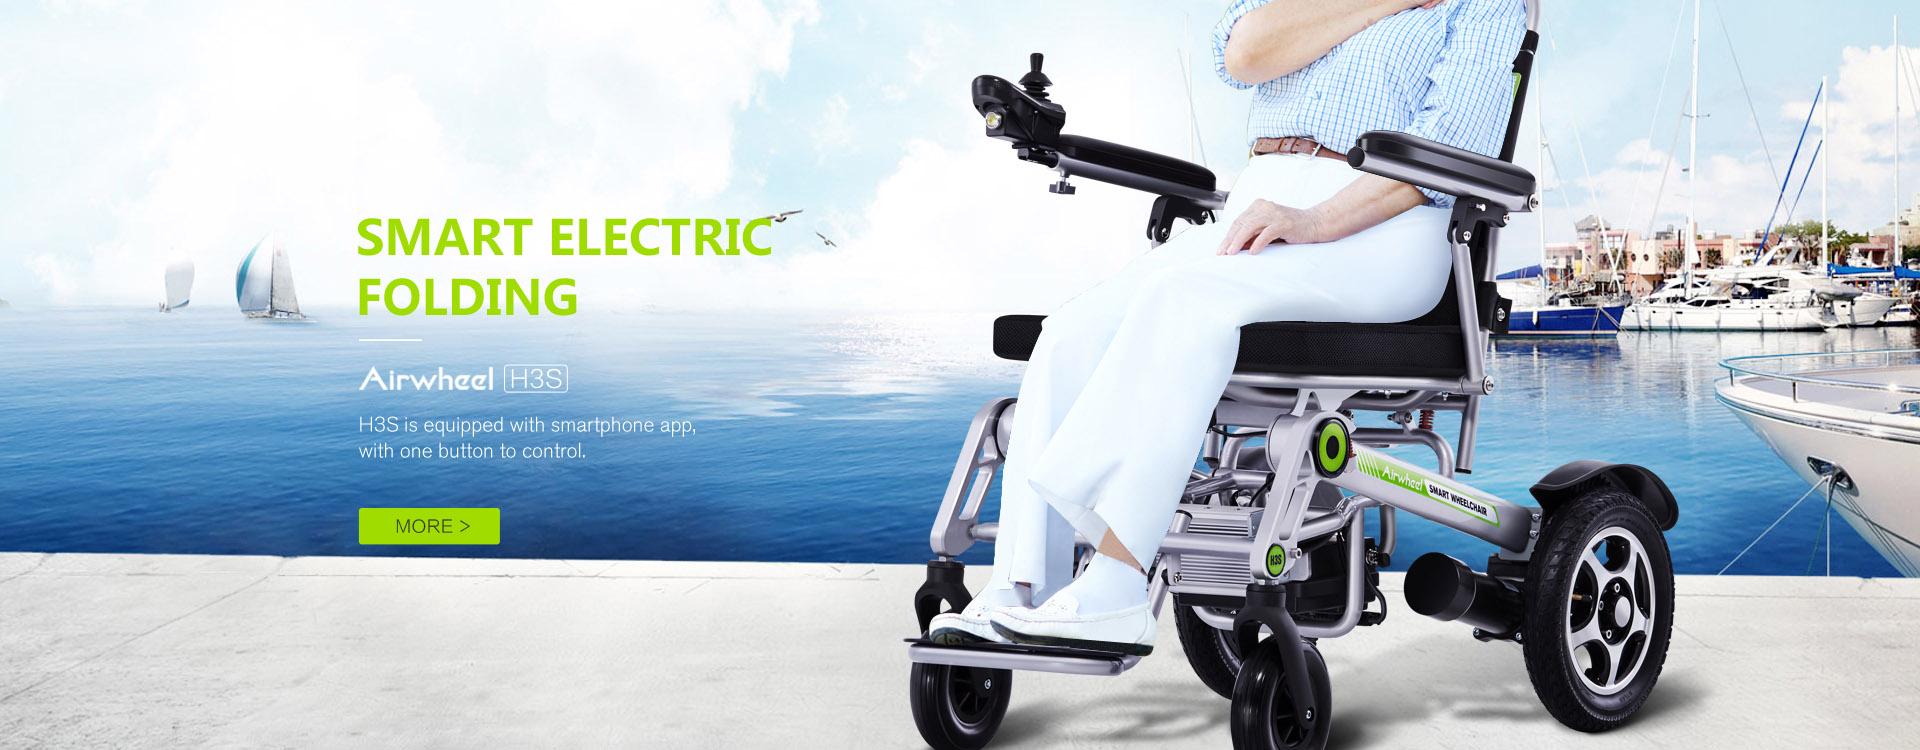 Airwheel H3S Lightweight Folding Power Chair